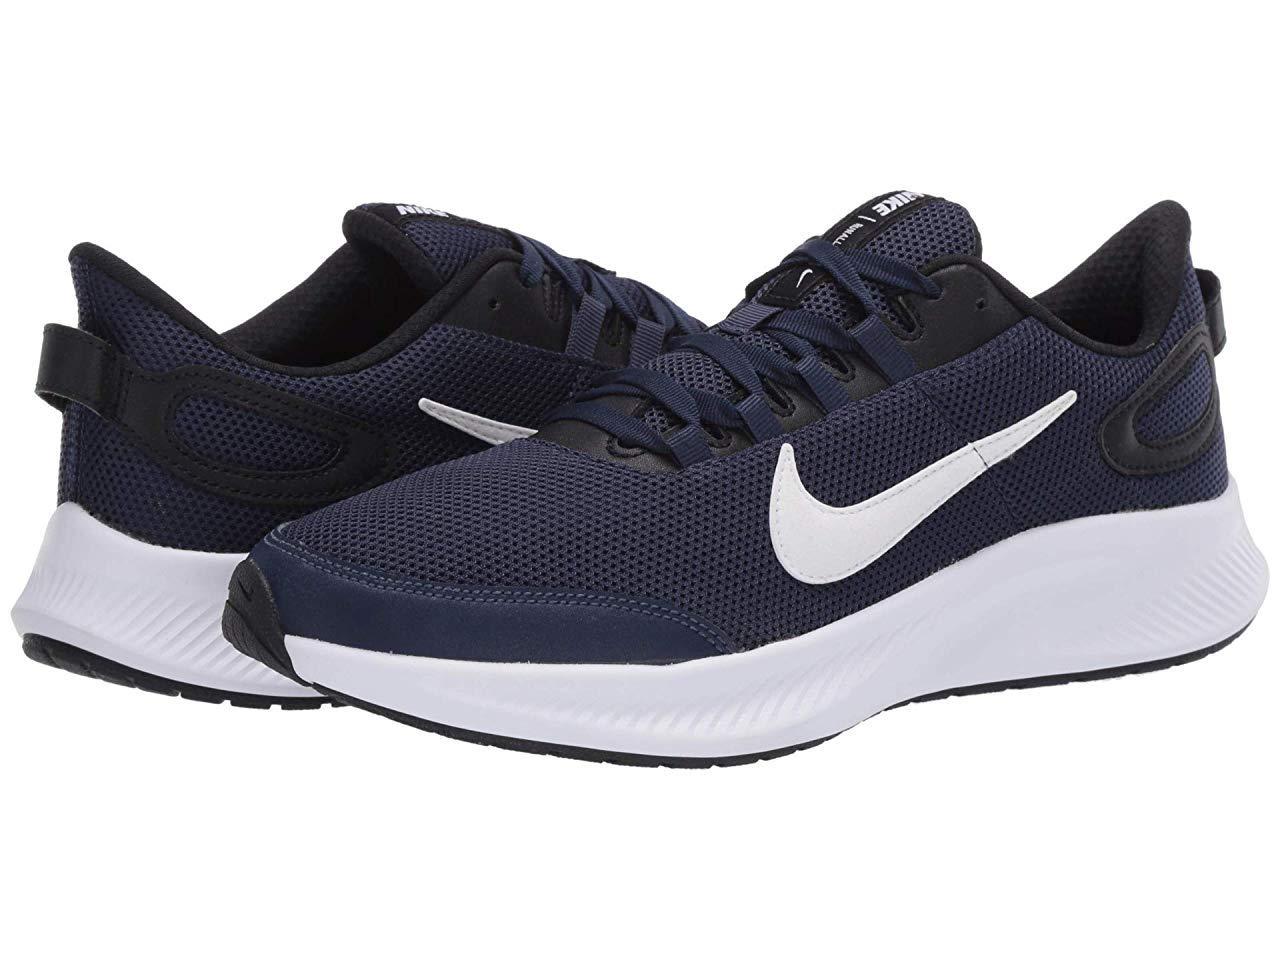 Кроссовки/Кеды Nike Run All Day 2 Midnight Navy/White/Black